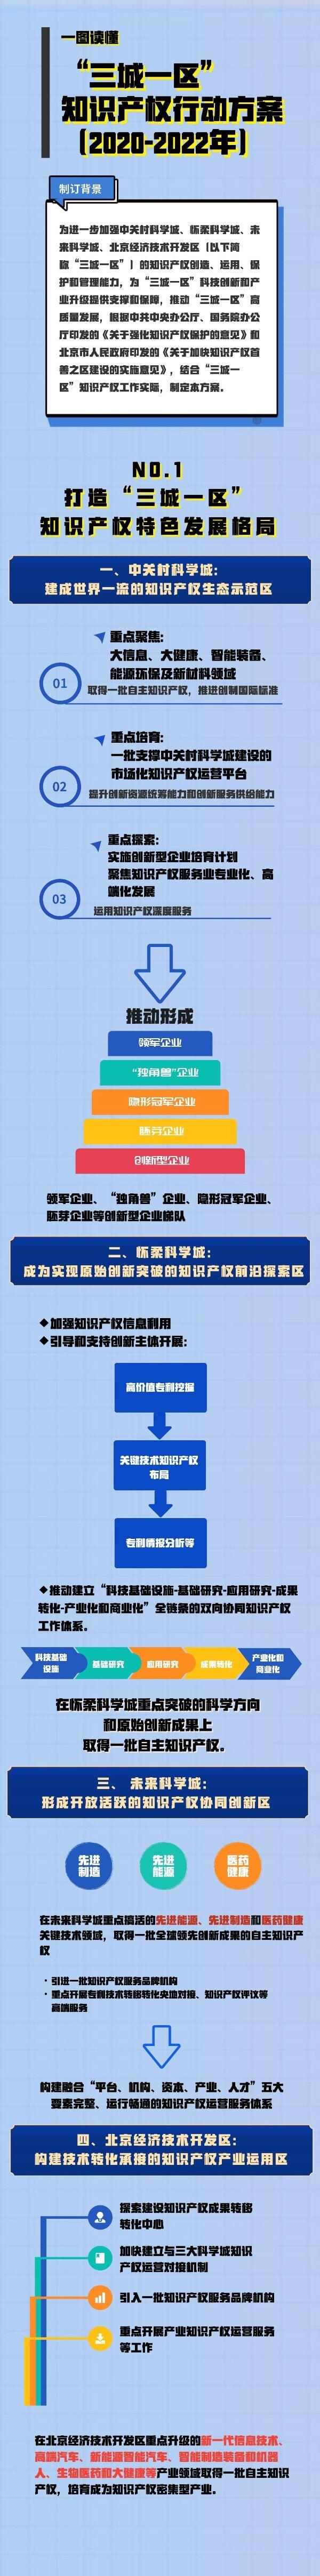 """北京市知识产权局印发《""""三城一区""""知识产权行动方案(2020-2022年)》"""